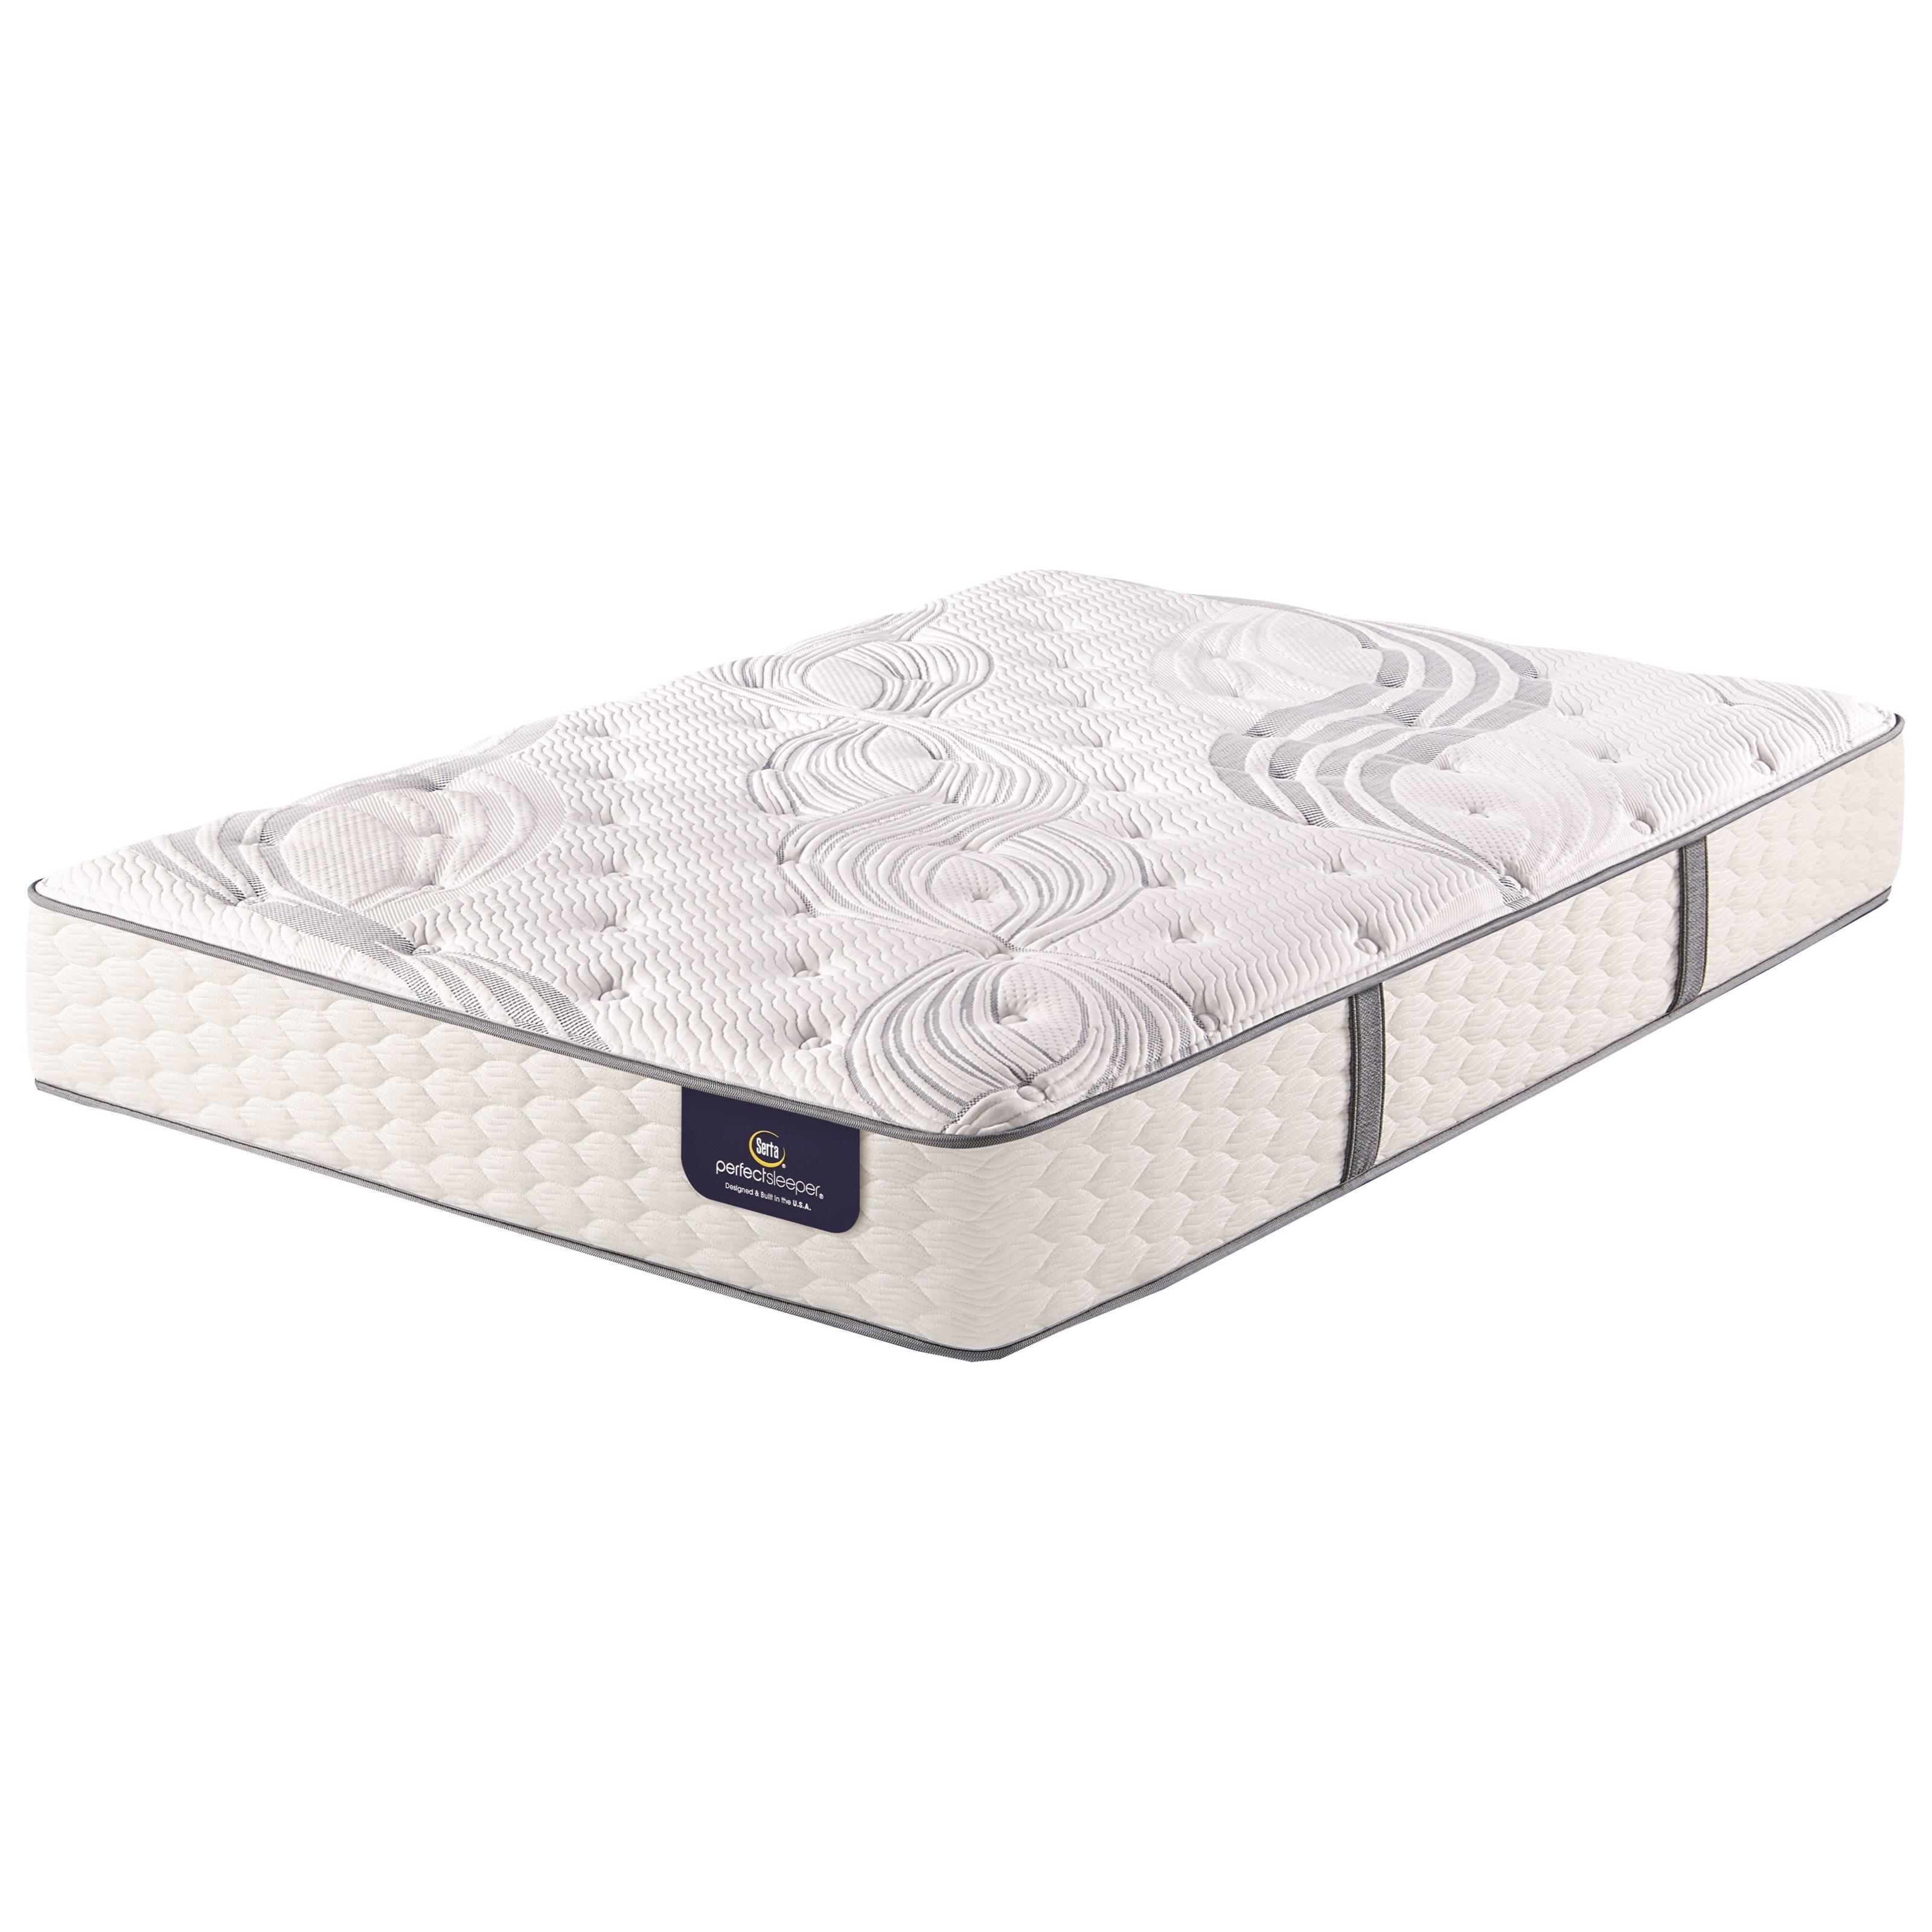 Serta Perfect Sleeper Elite Garleton Queen Luxury Firm Pocketed Coil  Mattress